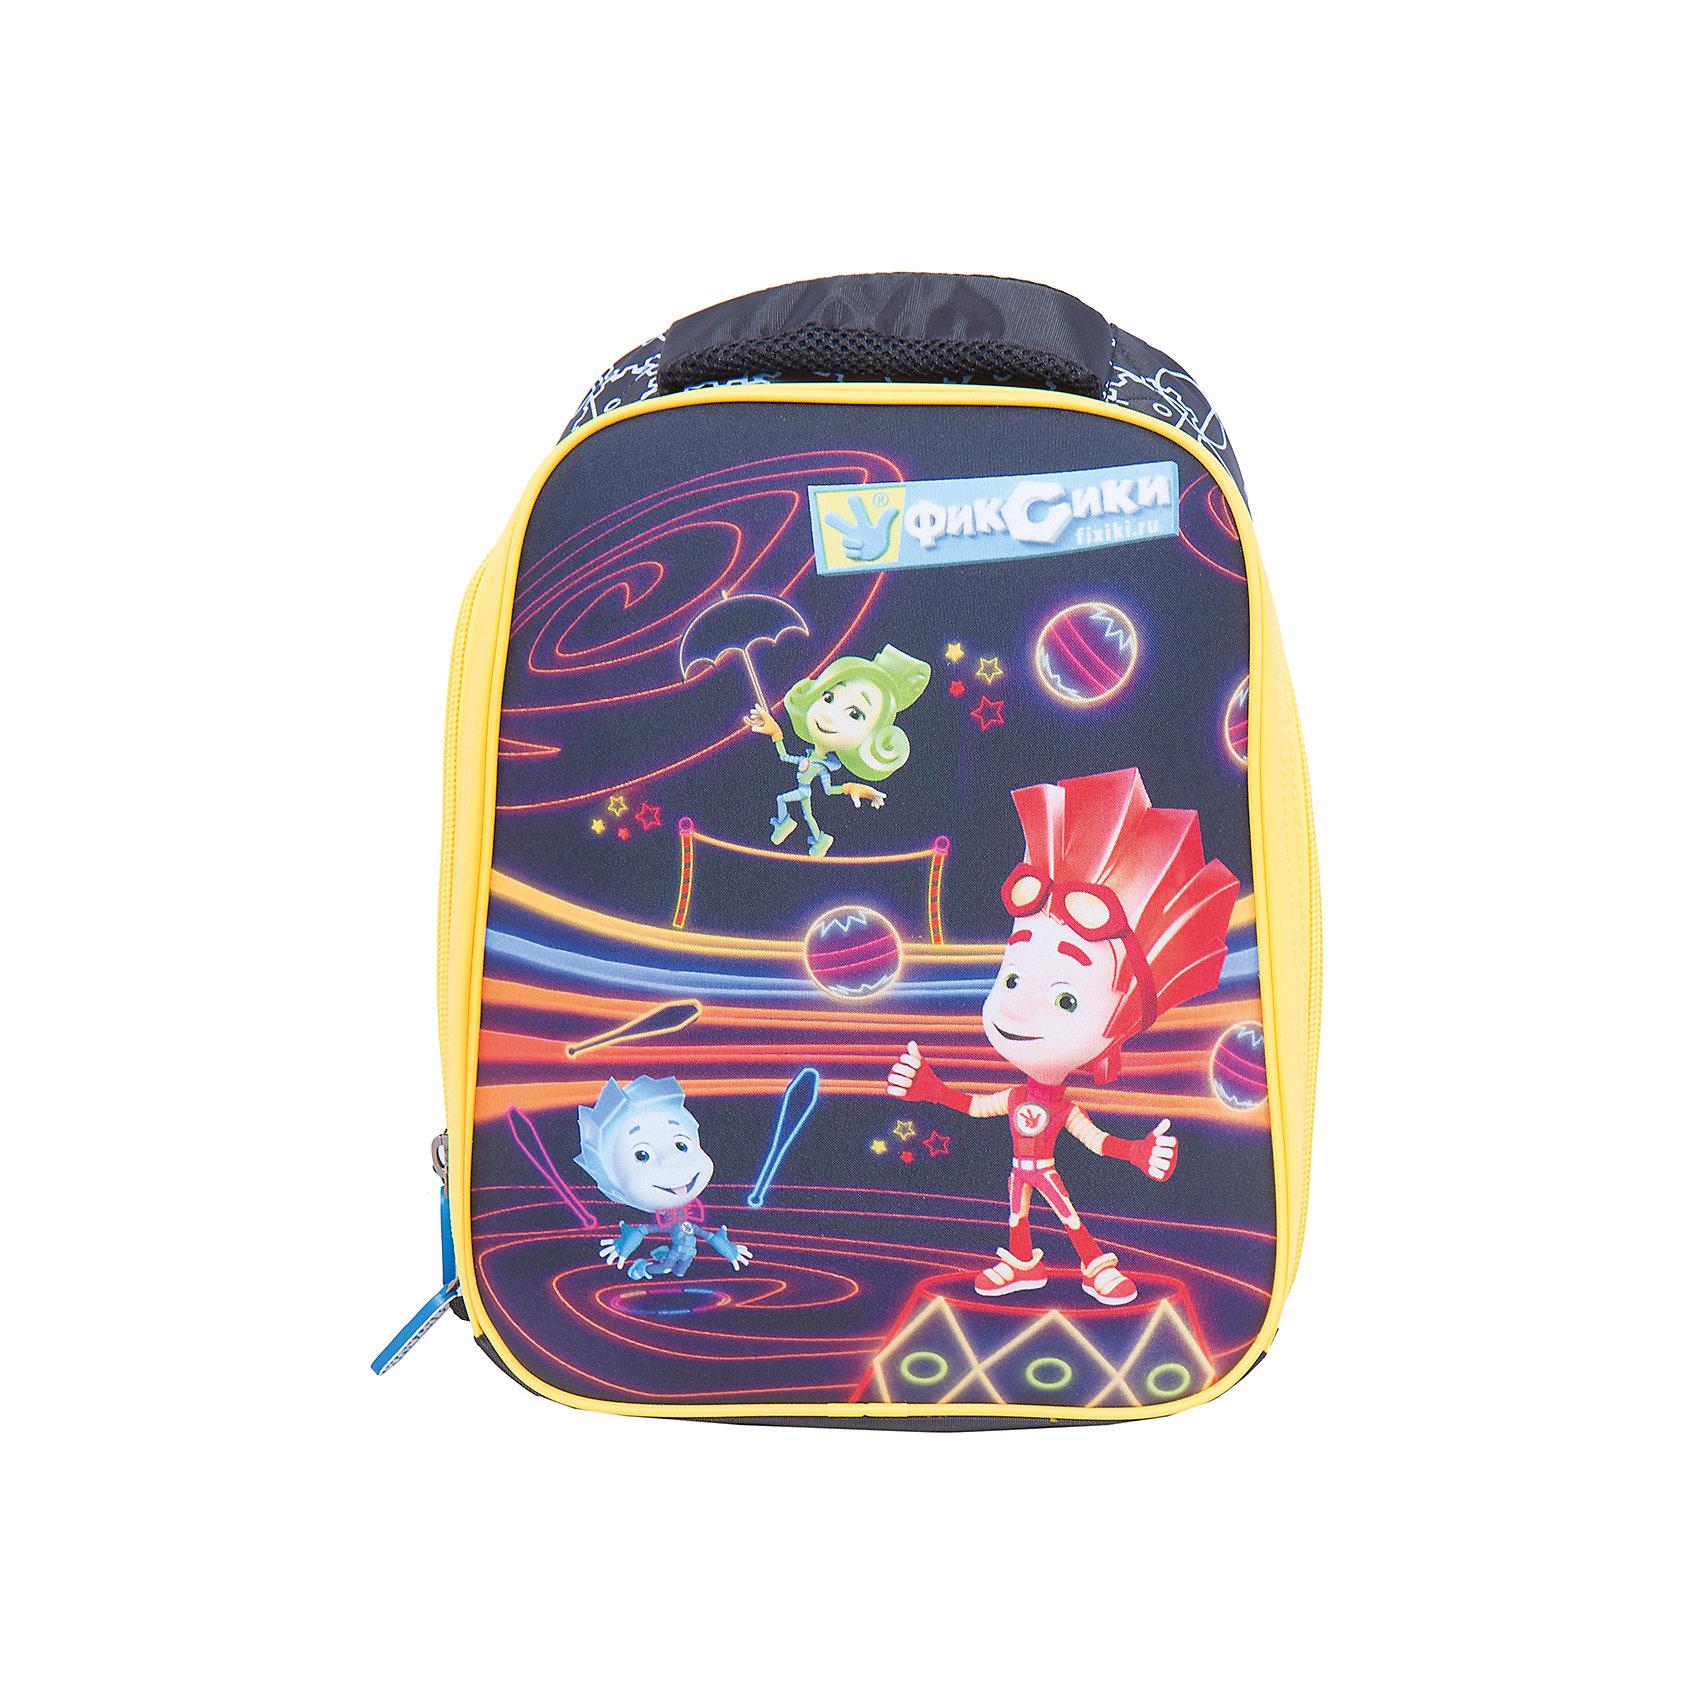 Рюкзак Фиксики. НоликРюкзак Фиксики. Нолик, CENTRUM (Центрум) ? рюкзак отечественного бренда детской серии. Рюкзаки этой серии выполнены из непромокаемого и прочного нейлона высокого качества, отличаются легким весом. <br>Внутреннее устройство рюкзака состоит из одного вместительного отсека, внутри которого есть две плотные перегородки. По бокам рюкзака имеются два сетчатых кармана. Эргономичность рюкзака обеспечивается ортопедической спинкой и широкими регулируемыми лямками. Устойчивость рюкзаку придают имеющиеся на дне пластиковые ножки. Для удобства переноса рюкзака в руках имеется мягкая ручка, кроме того предусмотрена ручка-петля, за которую рюкзак можно подвешивать. На рюкзаке имеются светоотражающие элементы.<br>Рюкзак выполнен в черном цвете с яркими элементами дизайна. На передней стороне имеется сюжетная картинка с героями из знаменитого мультфильма «Фиксики».<br>Рюкзак Фиксики. Нолик, CENTRUM (Центрум) ? это многофункциональность, качество и удобство использования. <br><br>Дополнительная информация:<br><br>- Вес: 750 г<br>- Габариты (Д*Г*В): 17*31,5*38 см<br>- Цвет: черный, желтый, оранжевый, голубой, зеленый<br>- Материал: нейлон, полиэстер<br>- Сезон: круглый год<br>- Коллекция: детская<br>- Пол: мужской<br>- Предназначение: для школы, для занятий спортом, для путешествий <br>- Особенности ухода: можно чистить влажной щеткой или губкой<br><br>Подробнее:<br><br>• Для детей в возрасте: от 3 лет и до 10 лет<br>• Страна производитель: Россия<br>• Торговый бренд: CENTRUM<br><br>Рюкзак Фиксики. Нолик, CENTRUM (Центрум) можно купить в нашем интернет-магазине.<br><br>Ширина мм: 170<br>Глубина мм: 315<br>Высота мм: 380<br>Вес г: 750<br>Возраст от месяцев: 36<br>Возраст до месяцев: 120<br>Пол: Унисекс<br>Возраст: Детский<br>SKU: 4865212